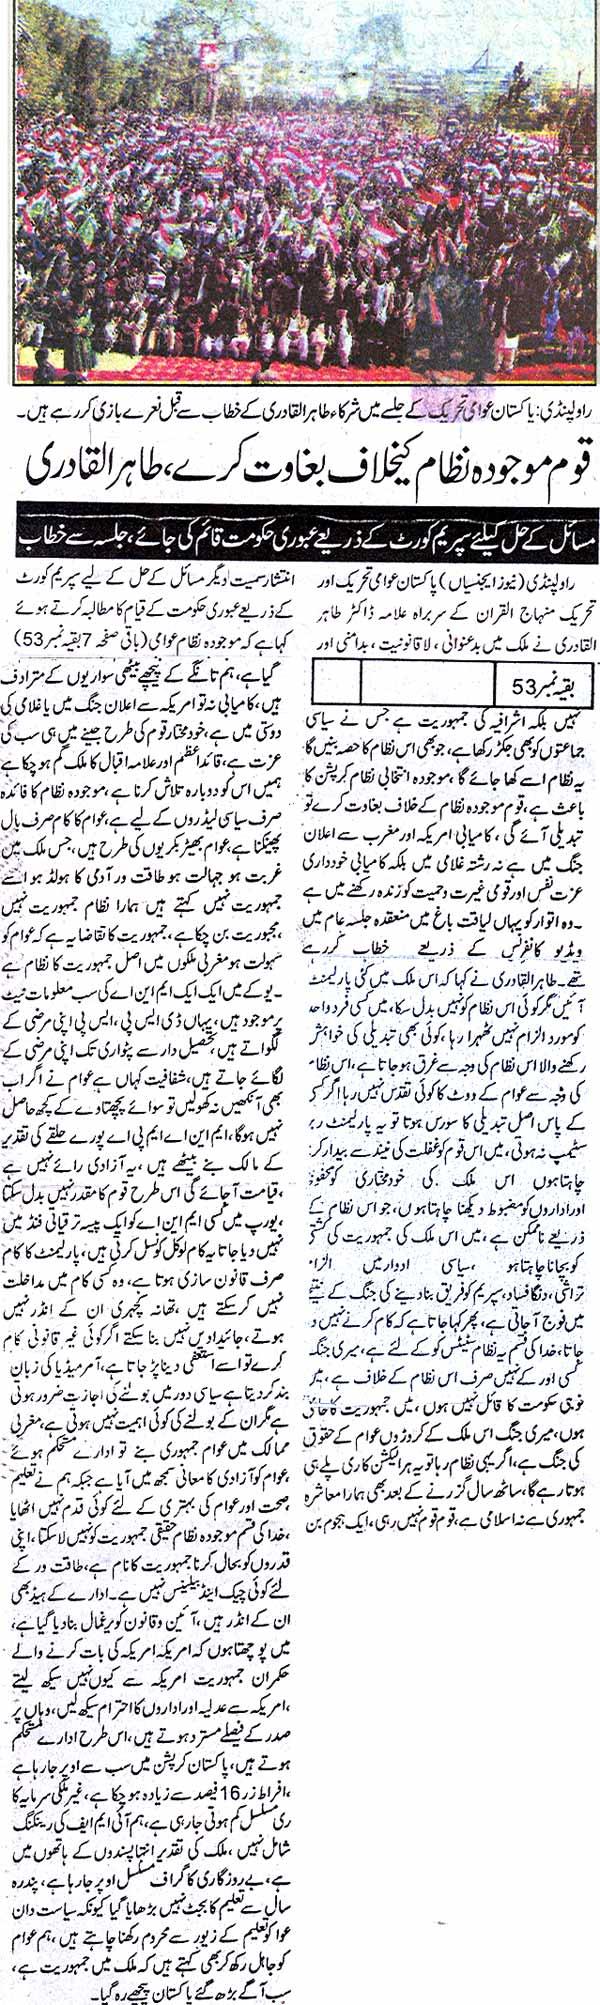 تحریک منہاج القرآن Minhaj-ul-Quran  Print Media Coverage پرنٹ میڈیا کوریج Daily Hakoomat Front Page